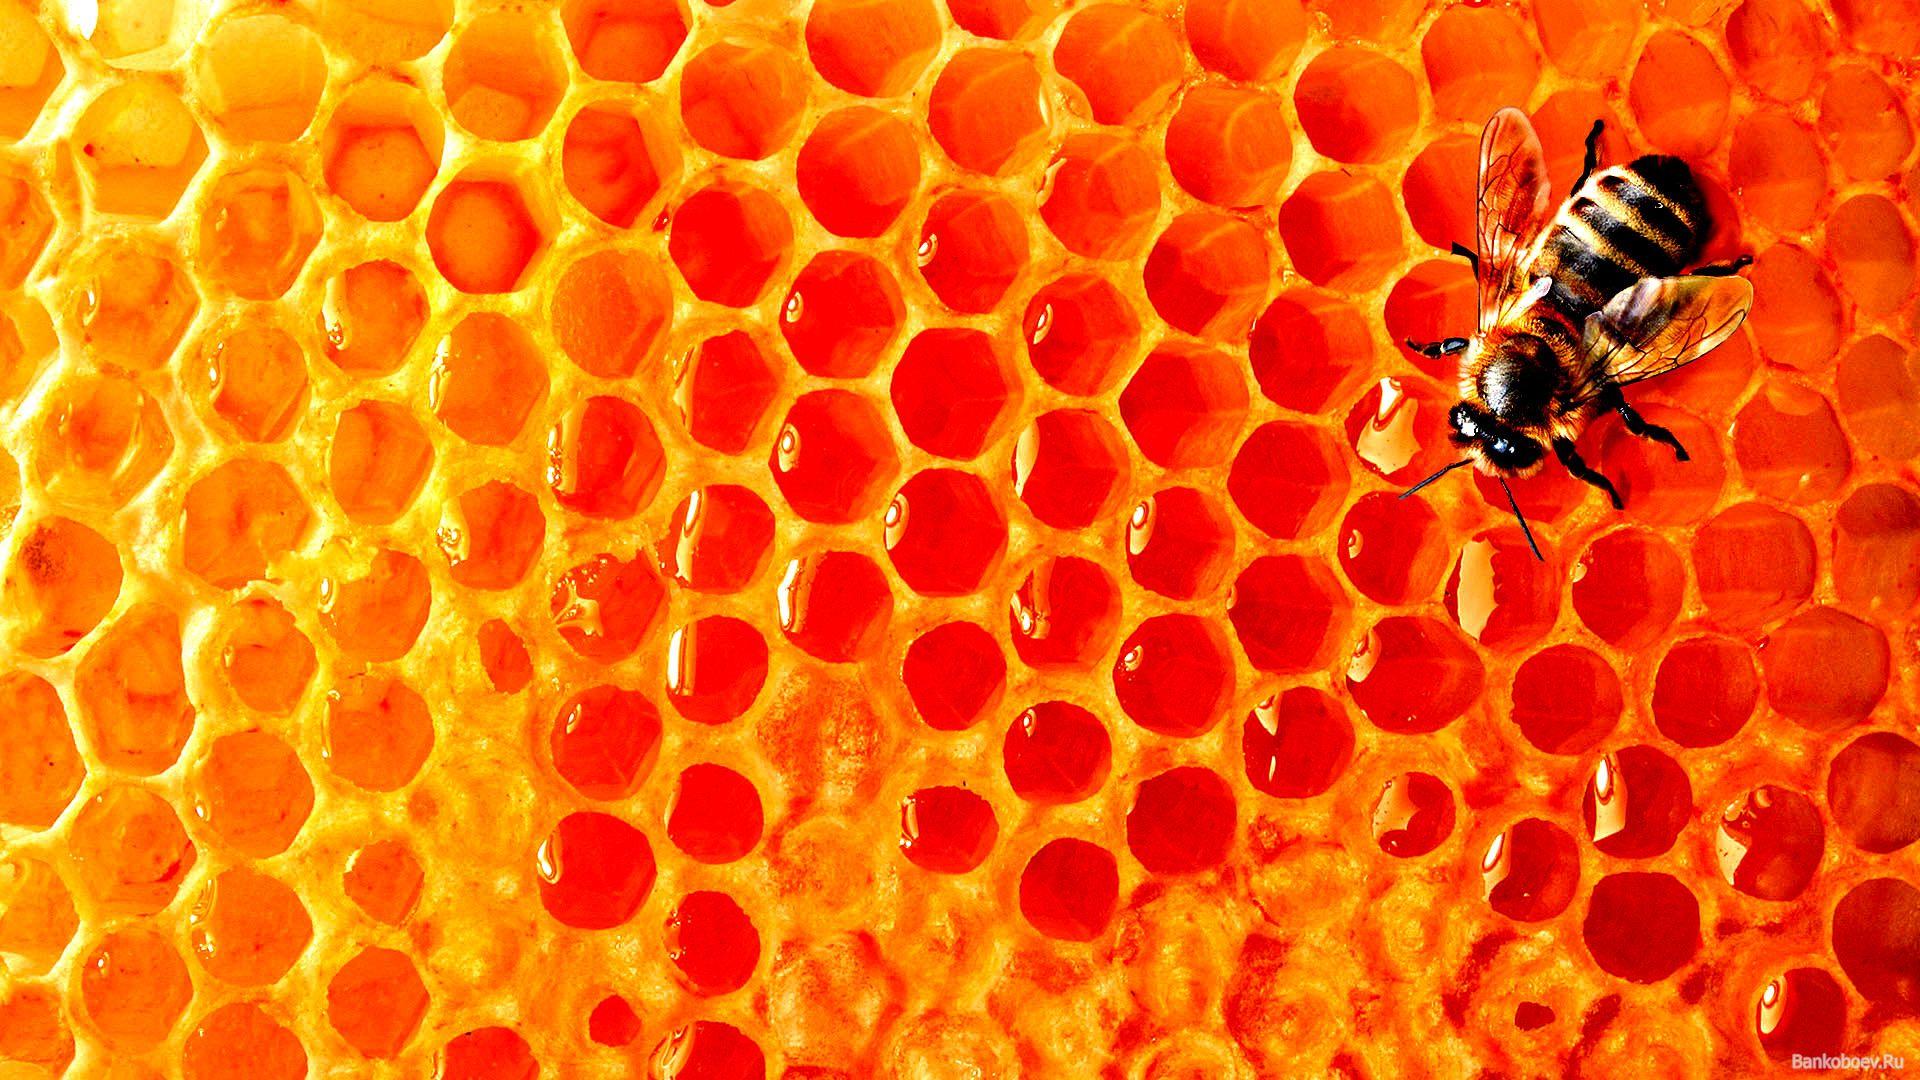 Download wallpaper bee, Honey, honey download